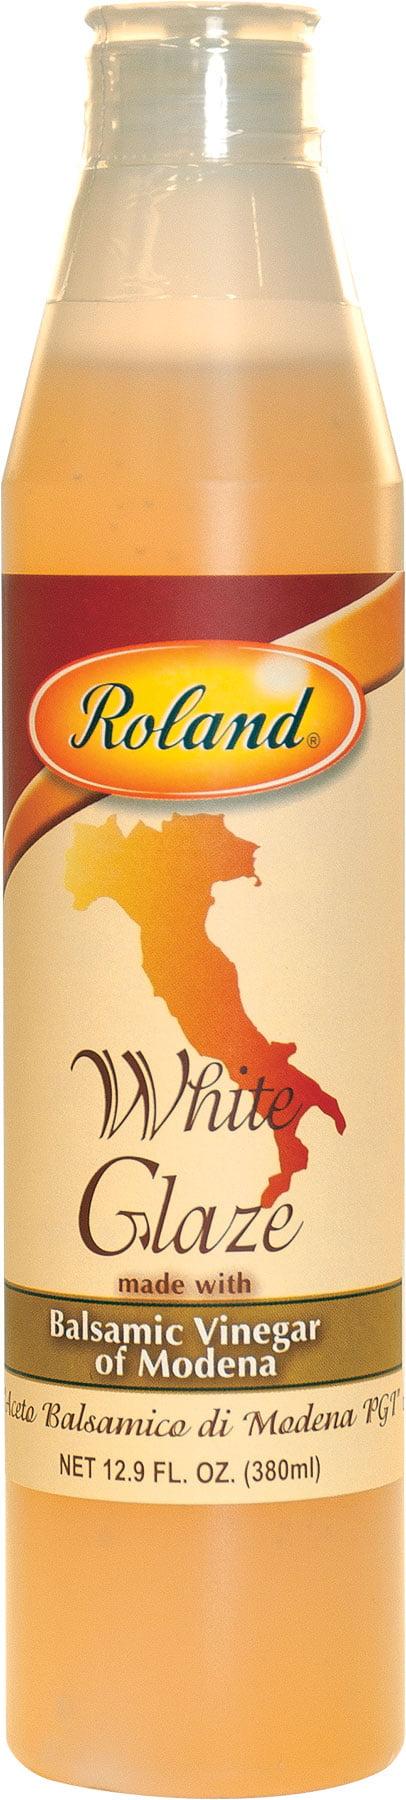 Roland Balsamic Glaze White 12 9 Oz Walmart Com Walmart Com